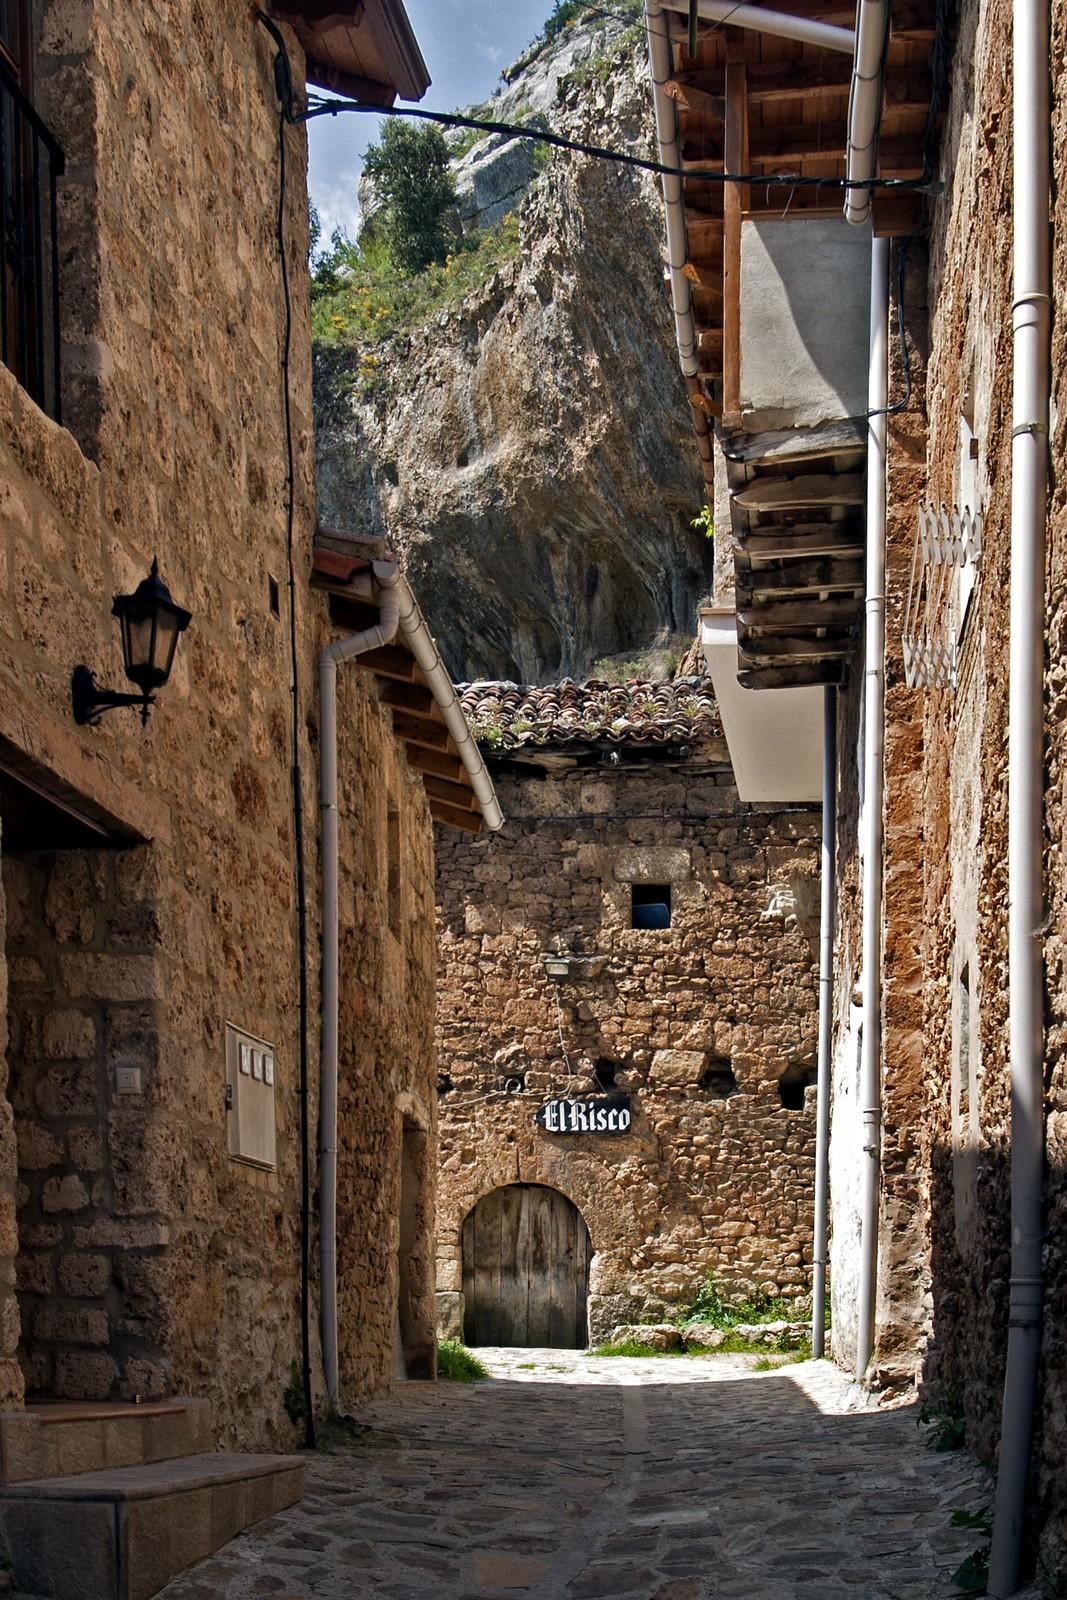 Orbaneja del Castillo 9